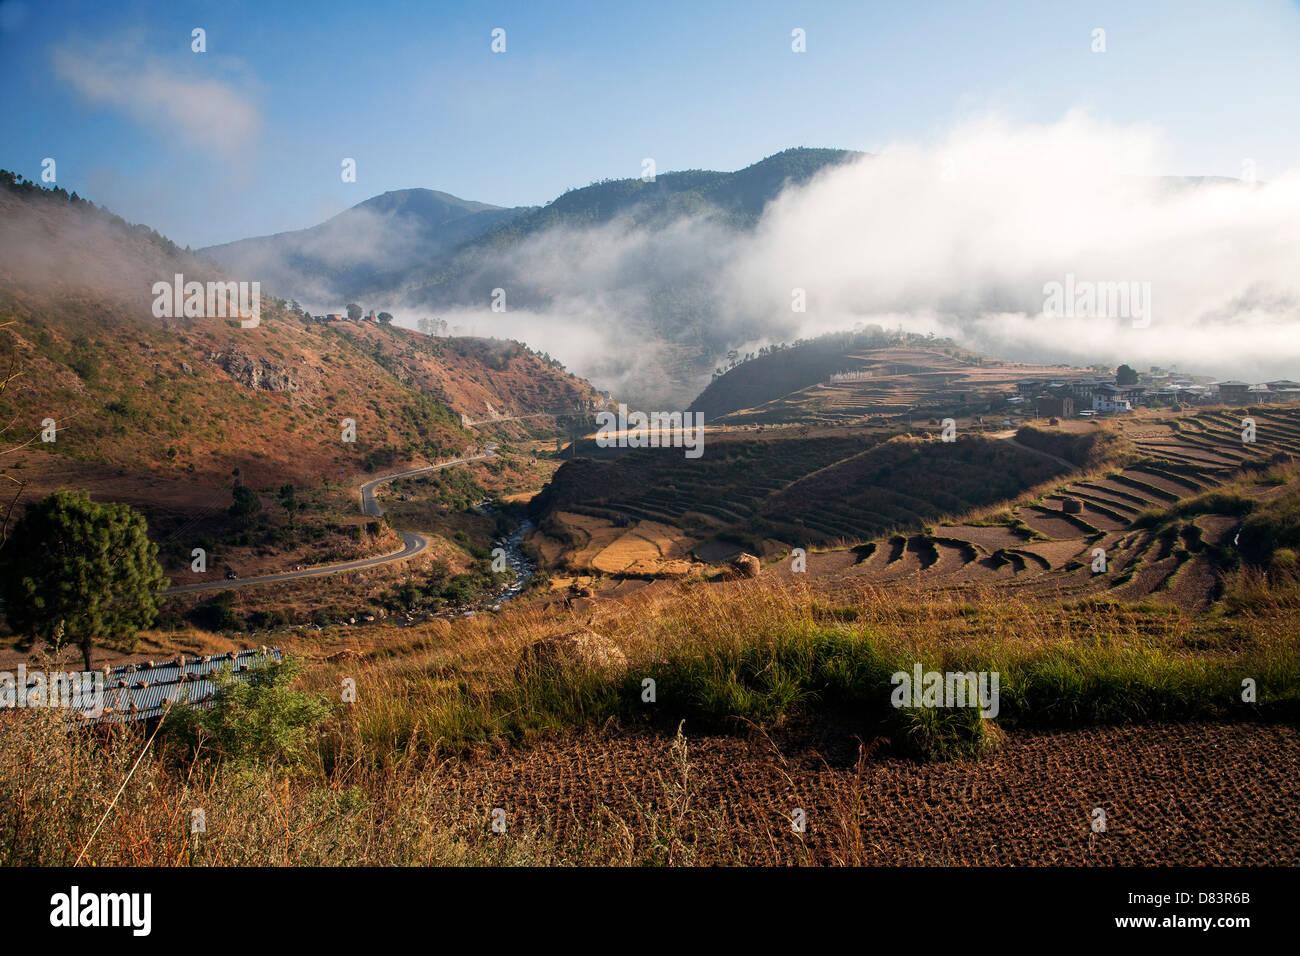 Morning fog burns of above the Punakha valley. Bhutan. - Stock Image